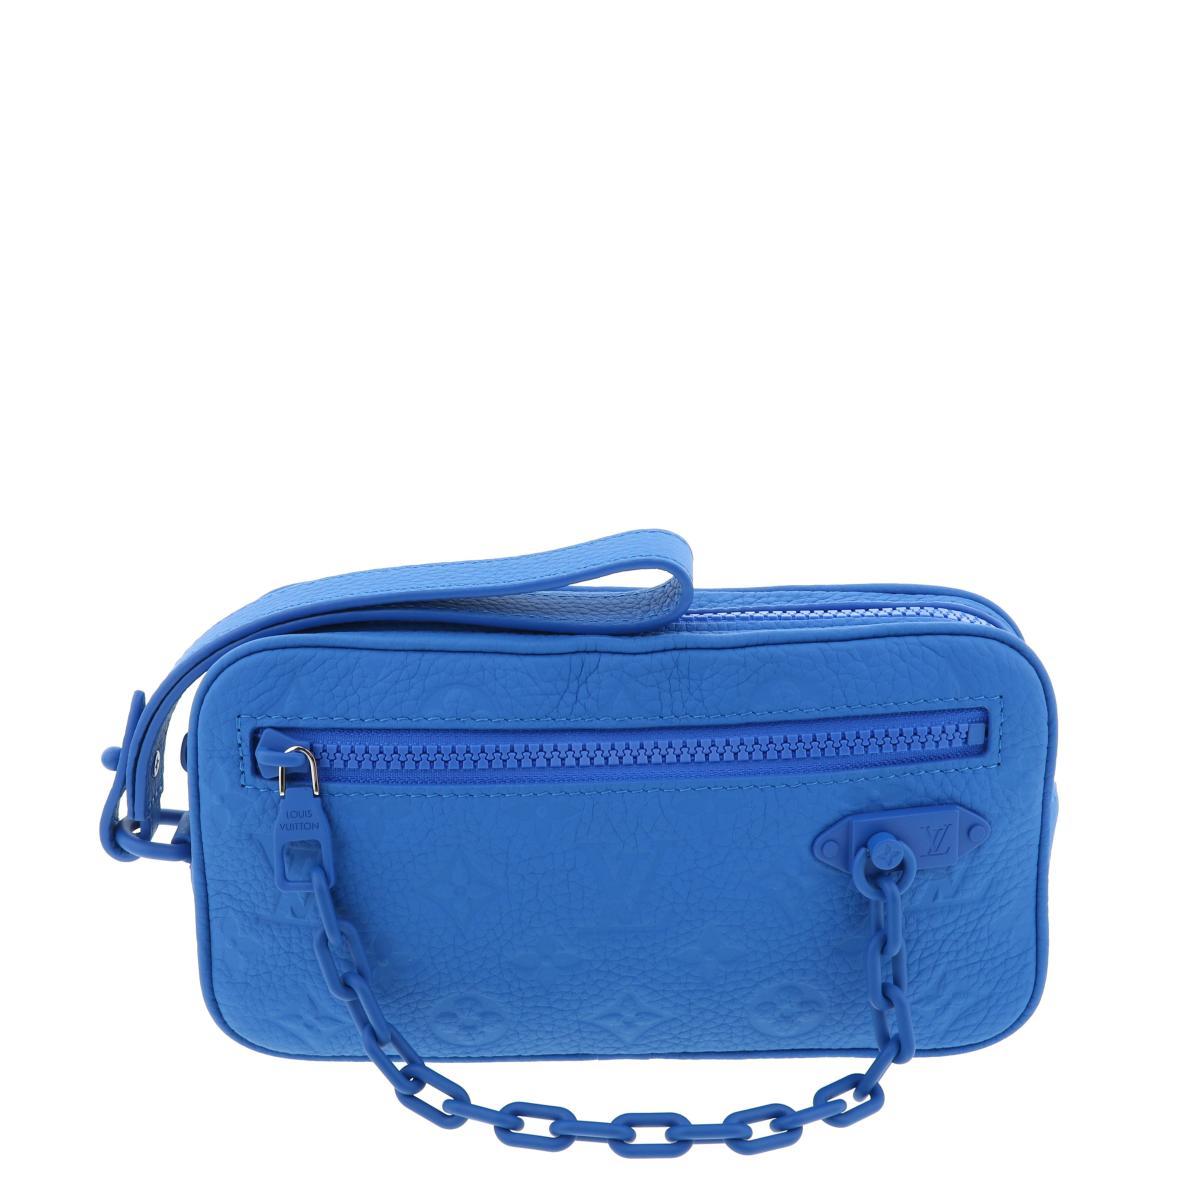 レディースバッグ, ハンドバッグ  LOUIS VUITTON Blue M53557 unused:S